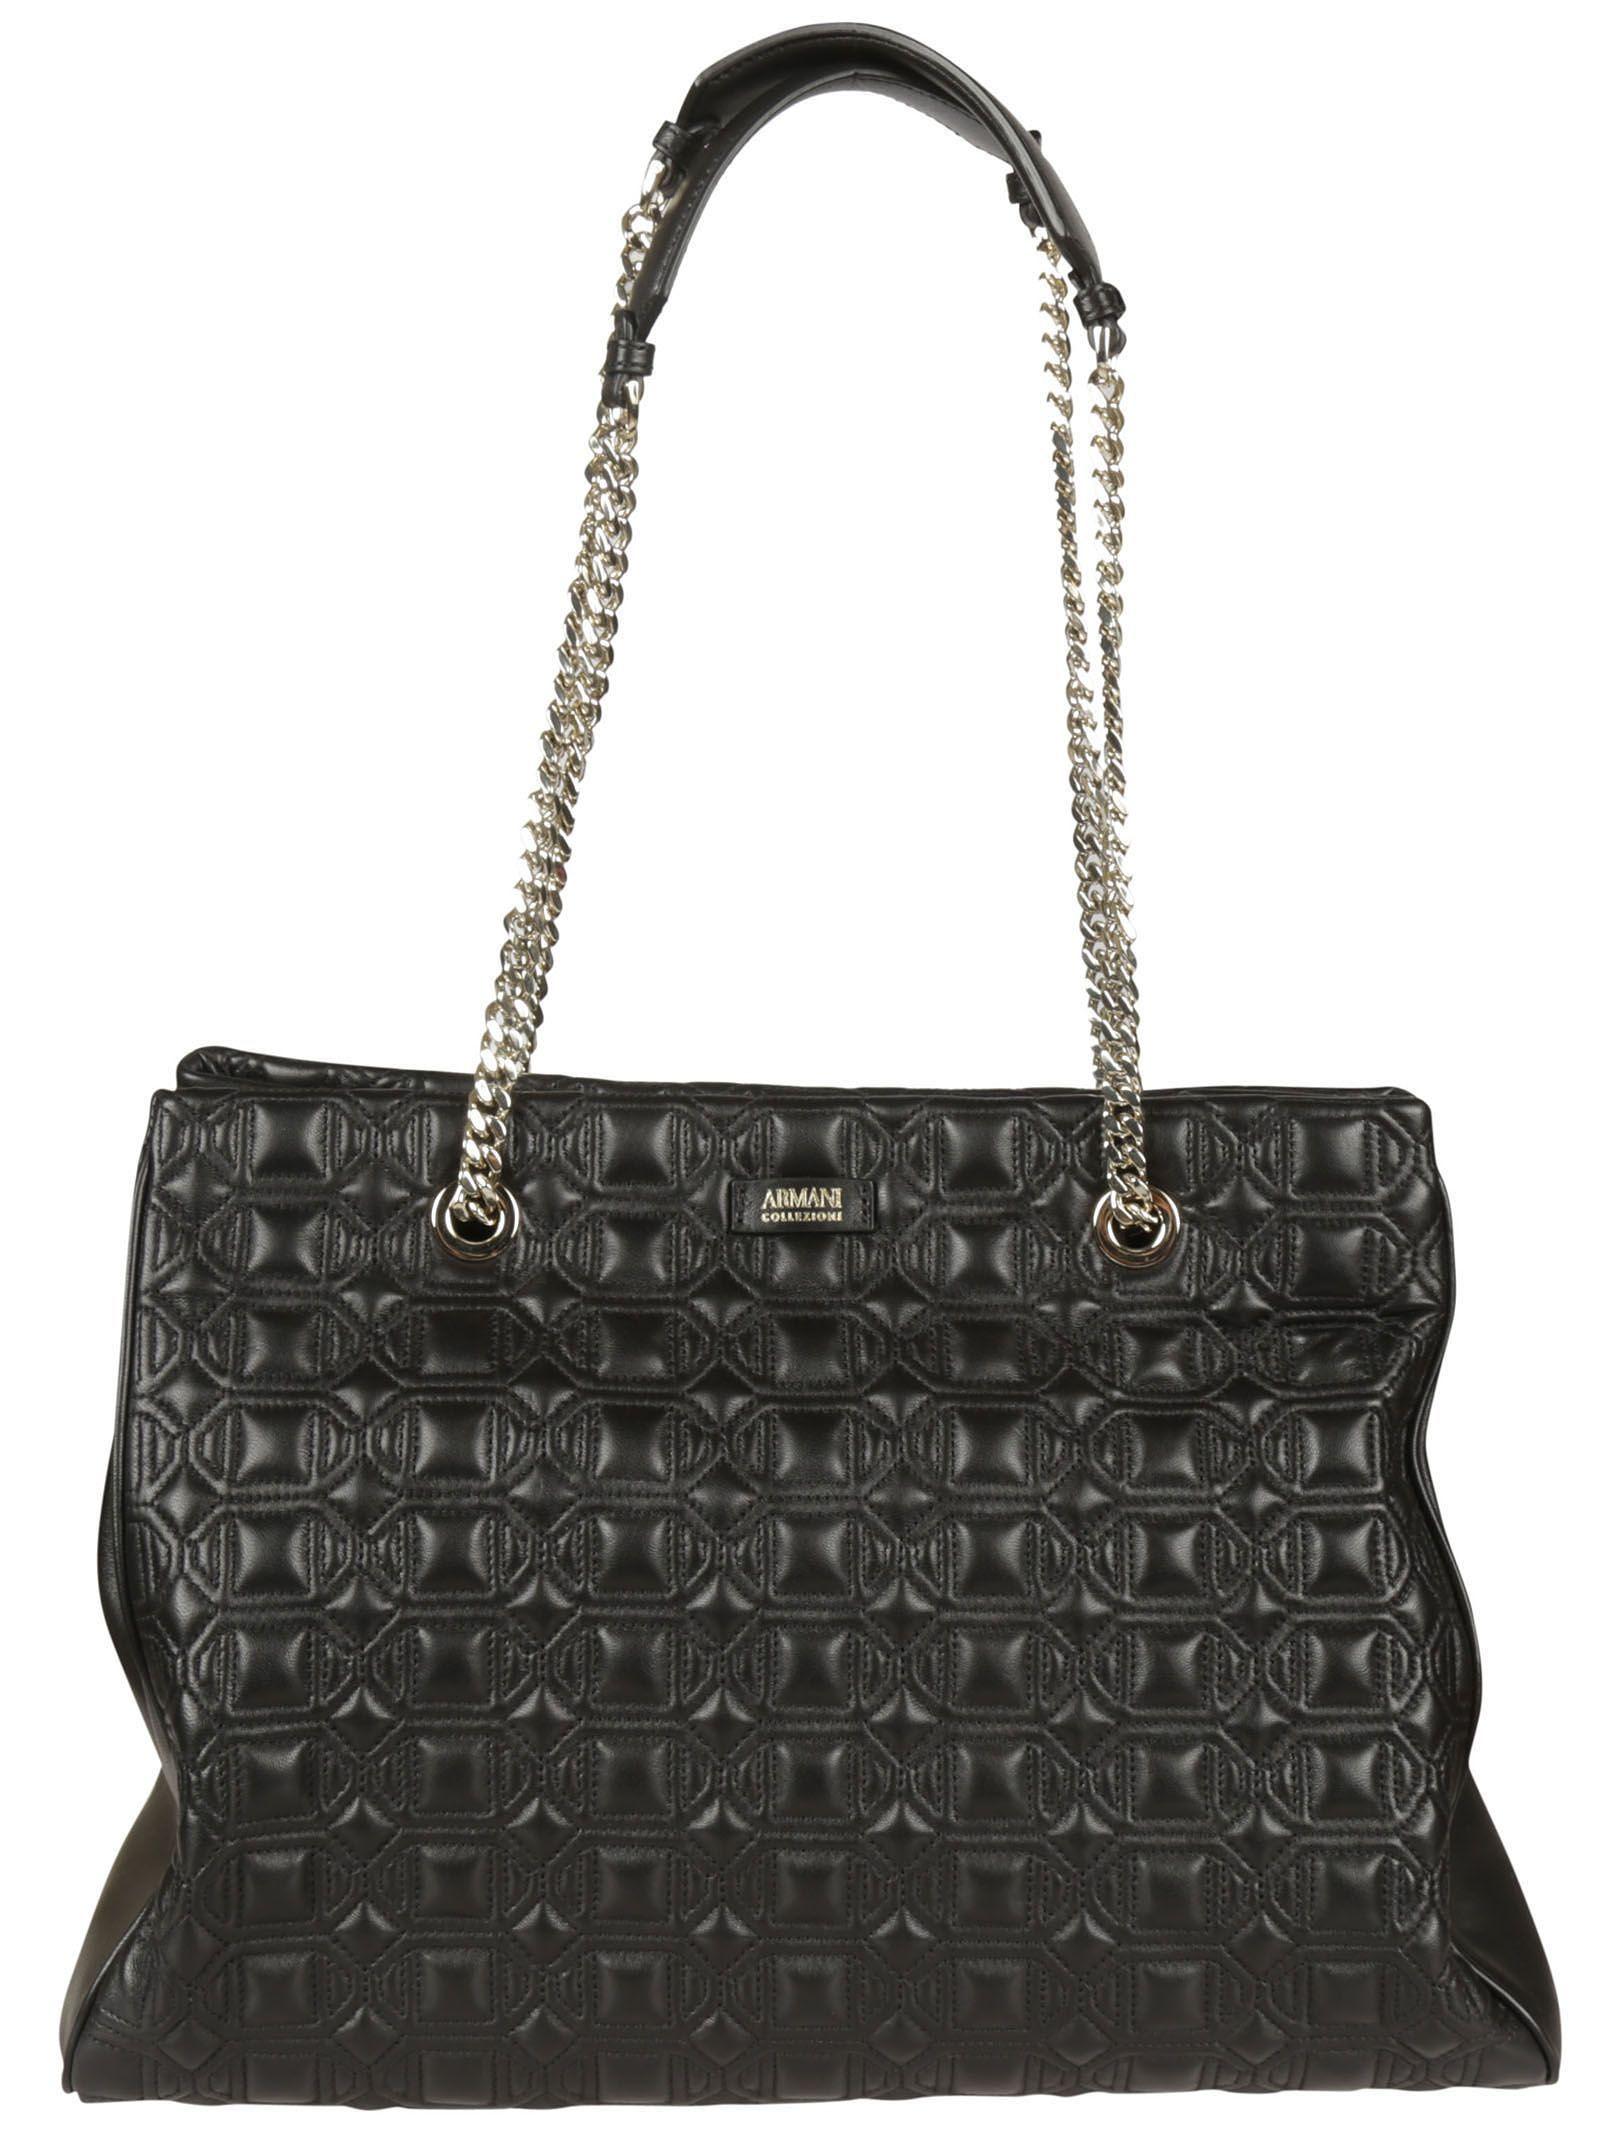 Armani Collezioni Nappa Leather Shopper Bag  58b0304105981